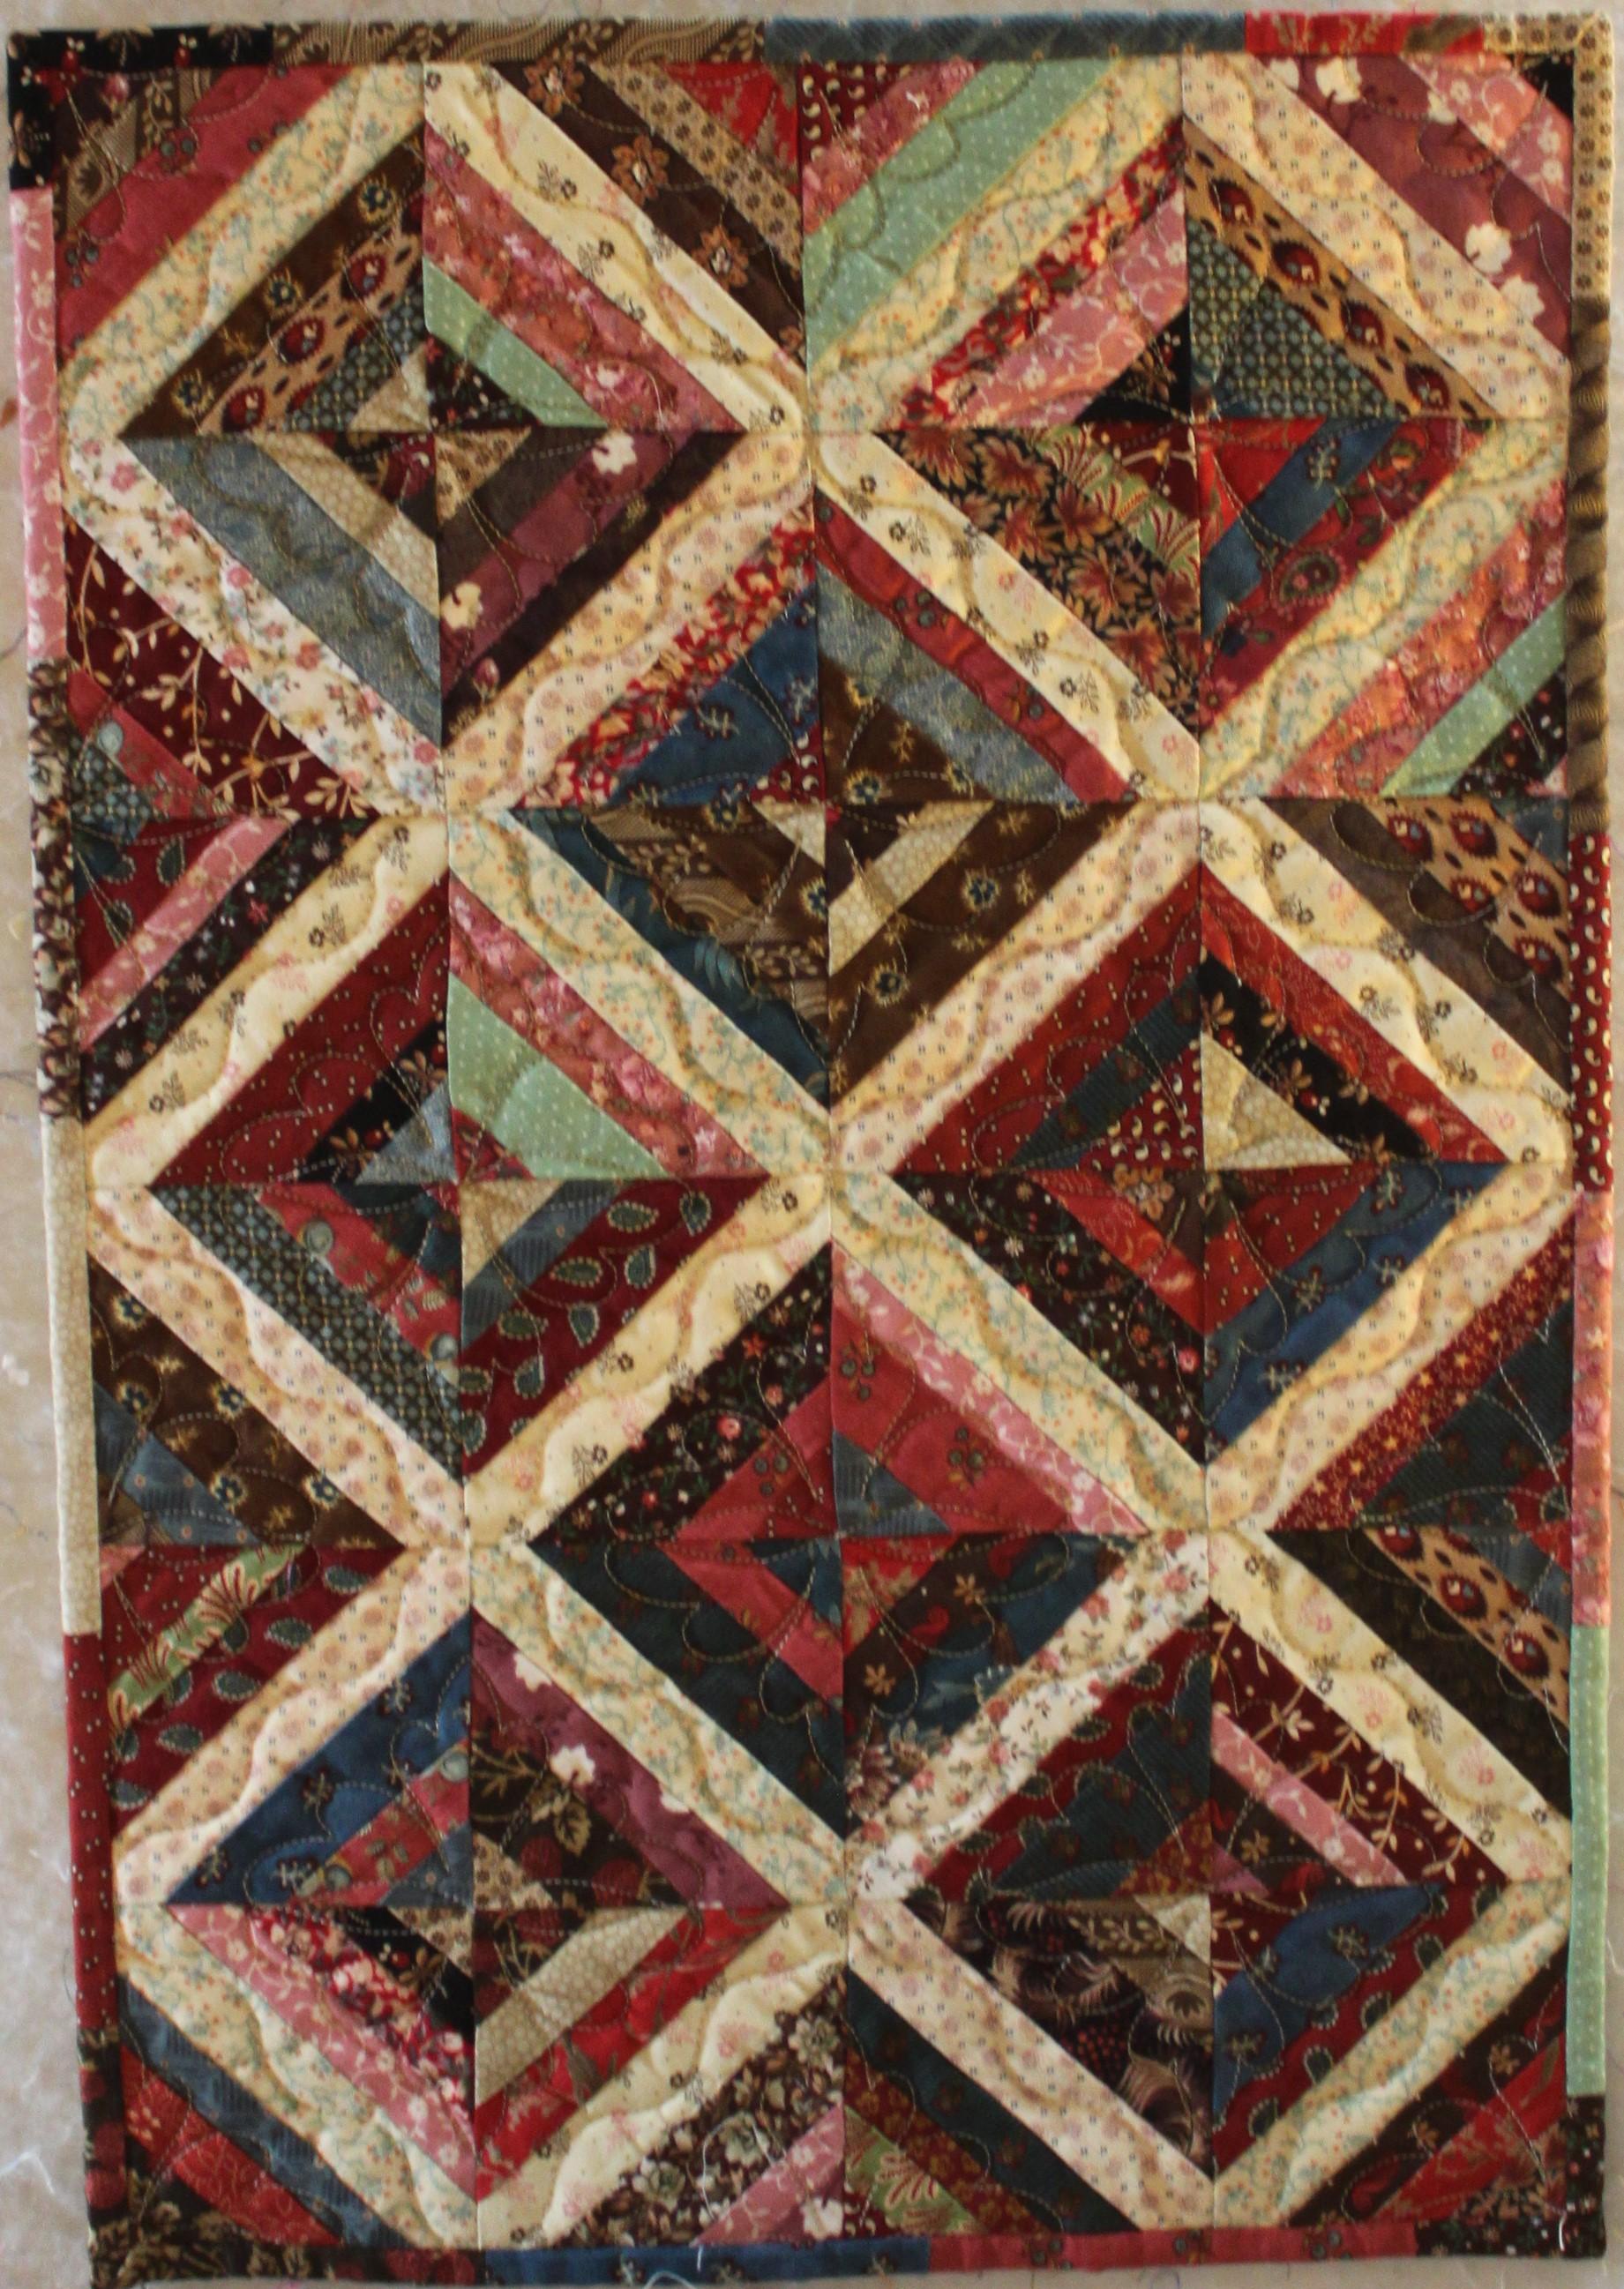 Judy Kaplan Eeny Mini Miny Moe Broward Quilt Expo